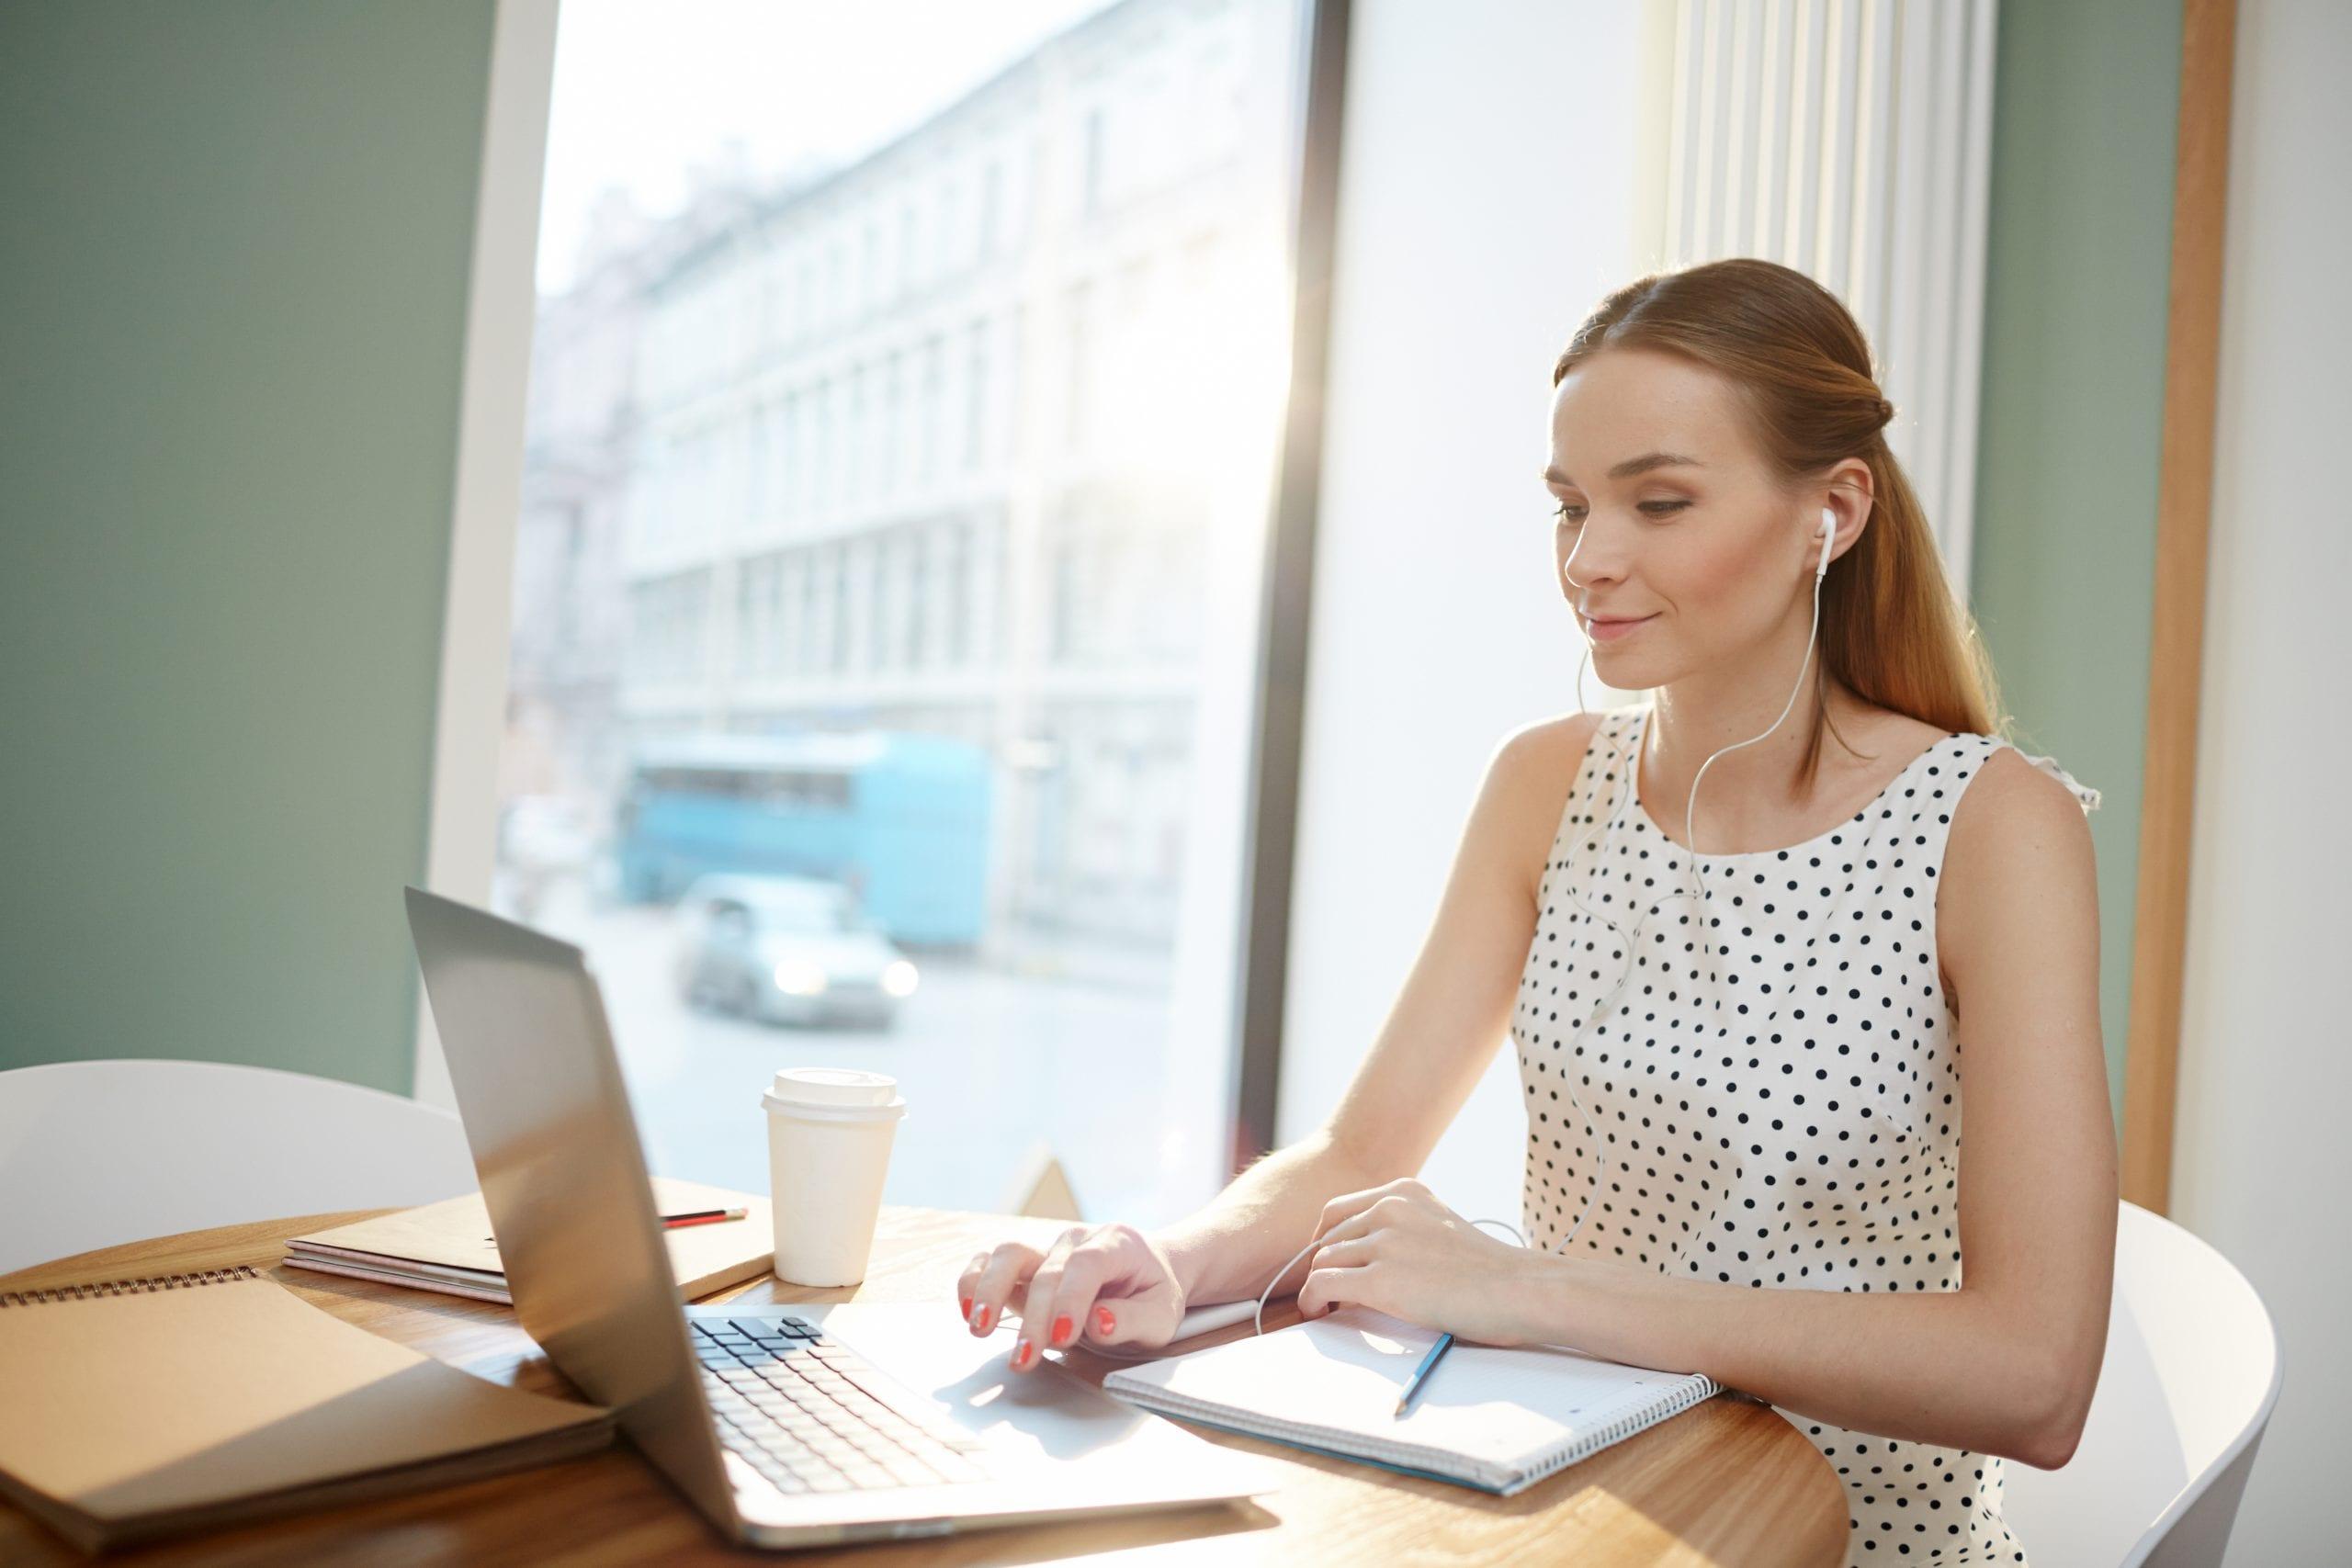 mujer hablando inglés en su curso online